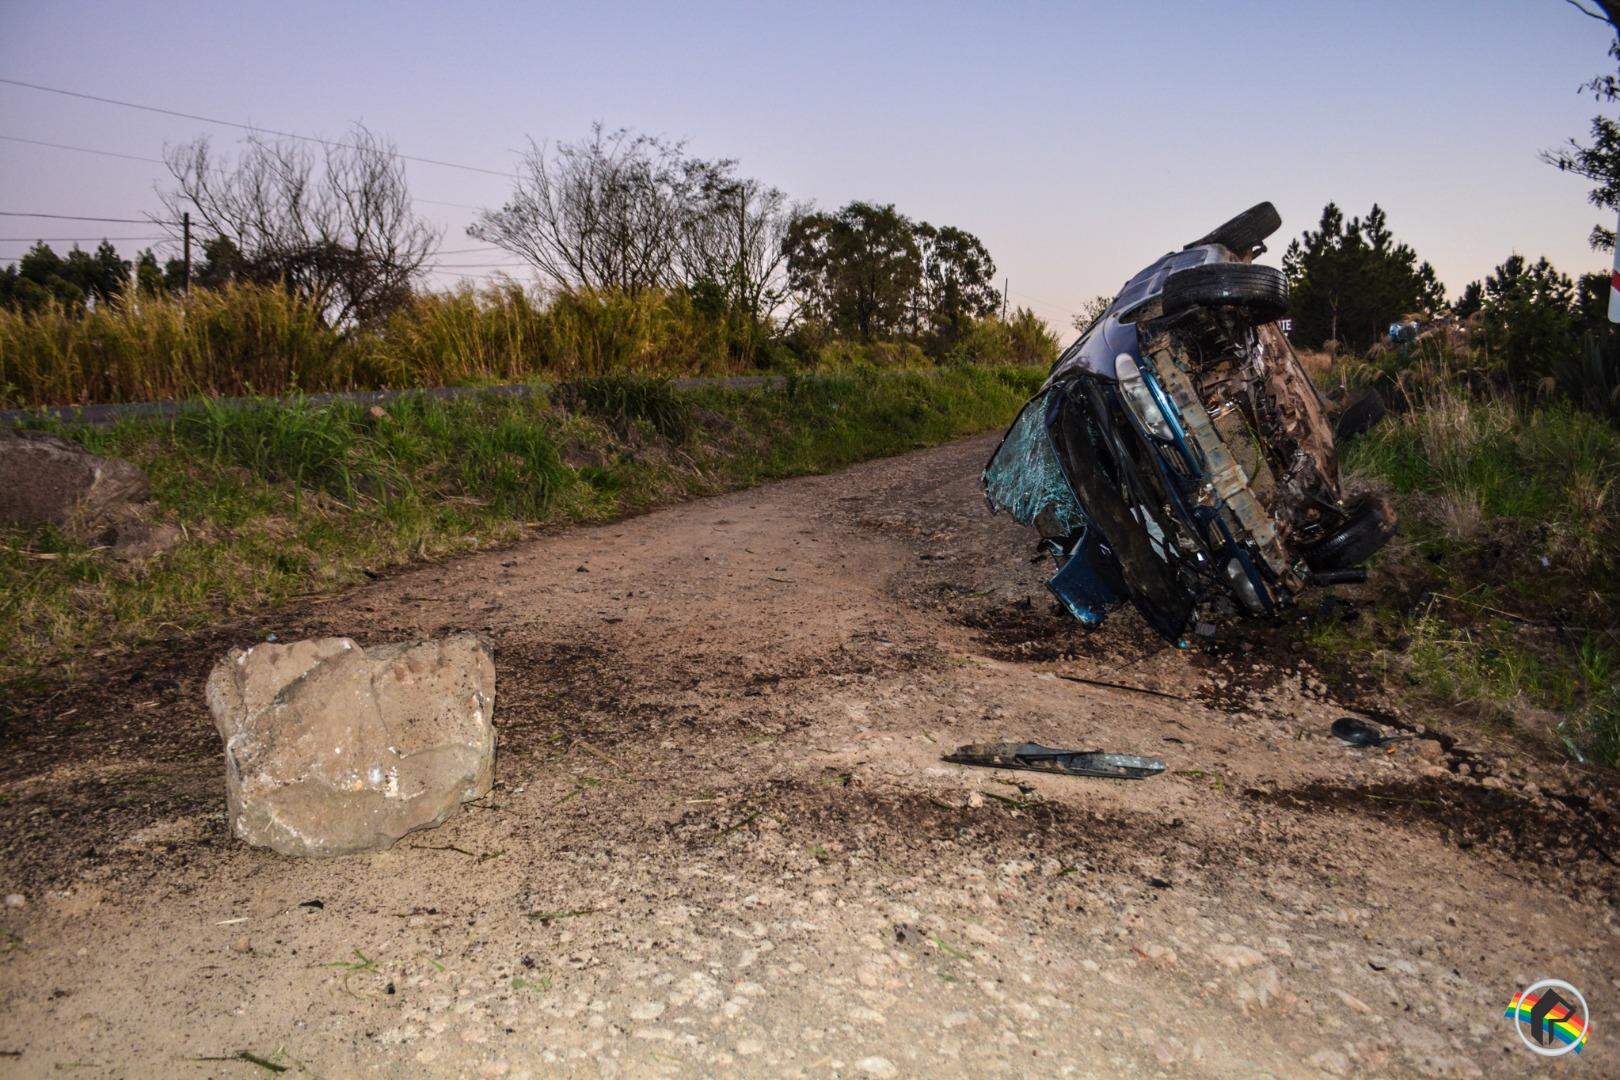 VÍDEO: Veículo sai da pista e capota próximo da Terra Viva na BR-163